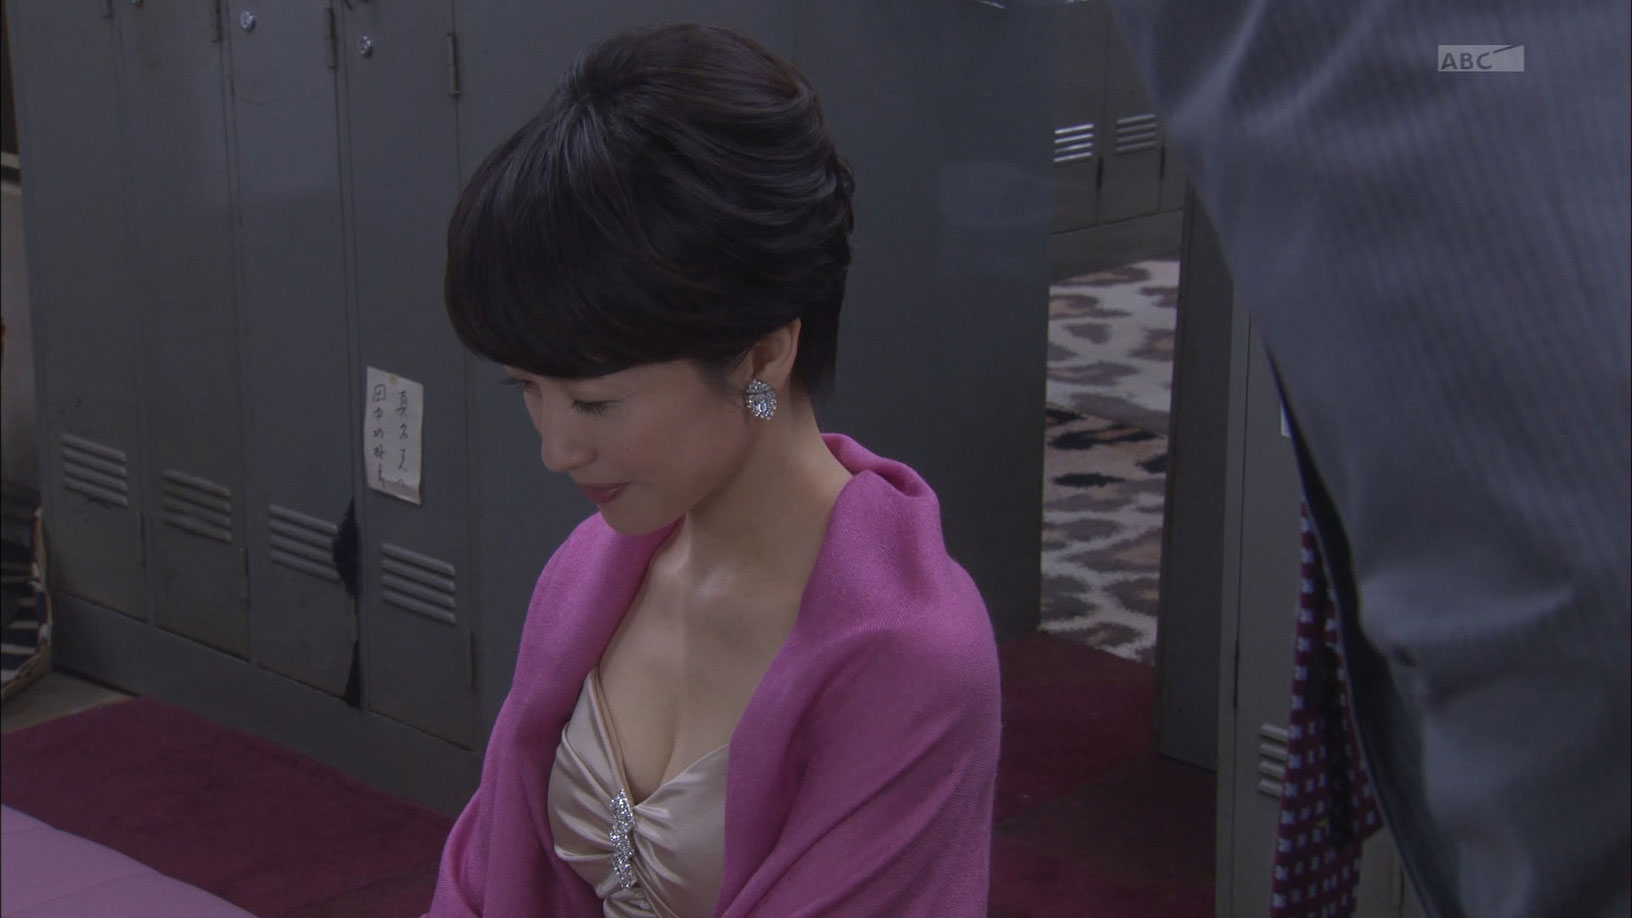 【三浦理恵子アイコラヌード】おっぱい丸見え!こんなエロくて美人なBBAならマジ抱きたいよなwwwww女優・芸能人お宝画像★・31枚目の画像